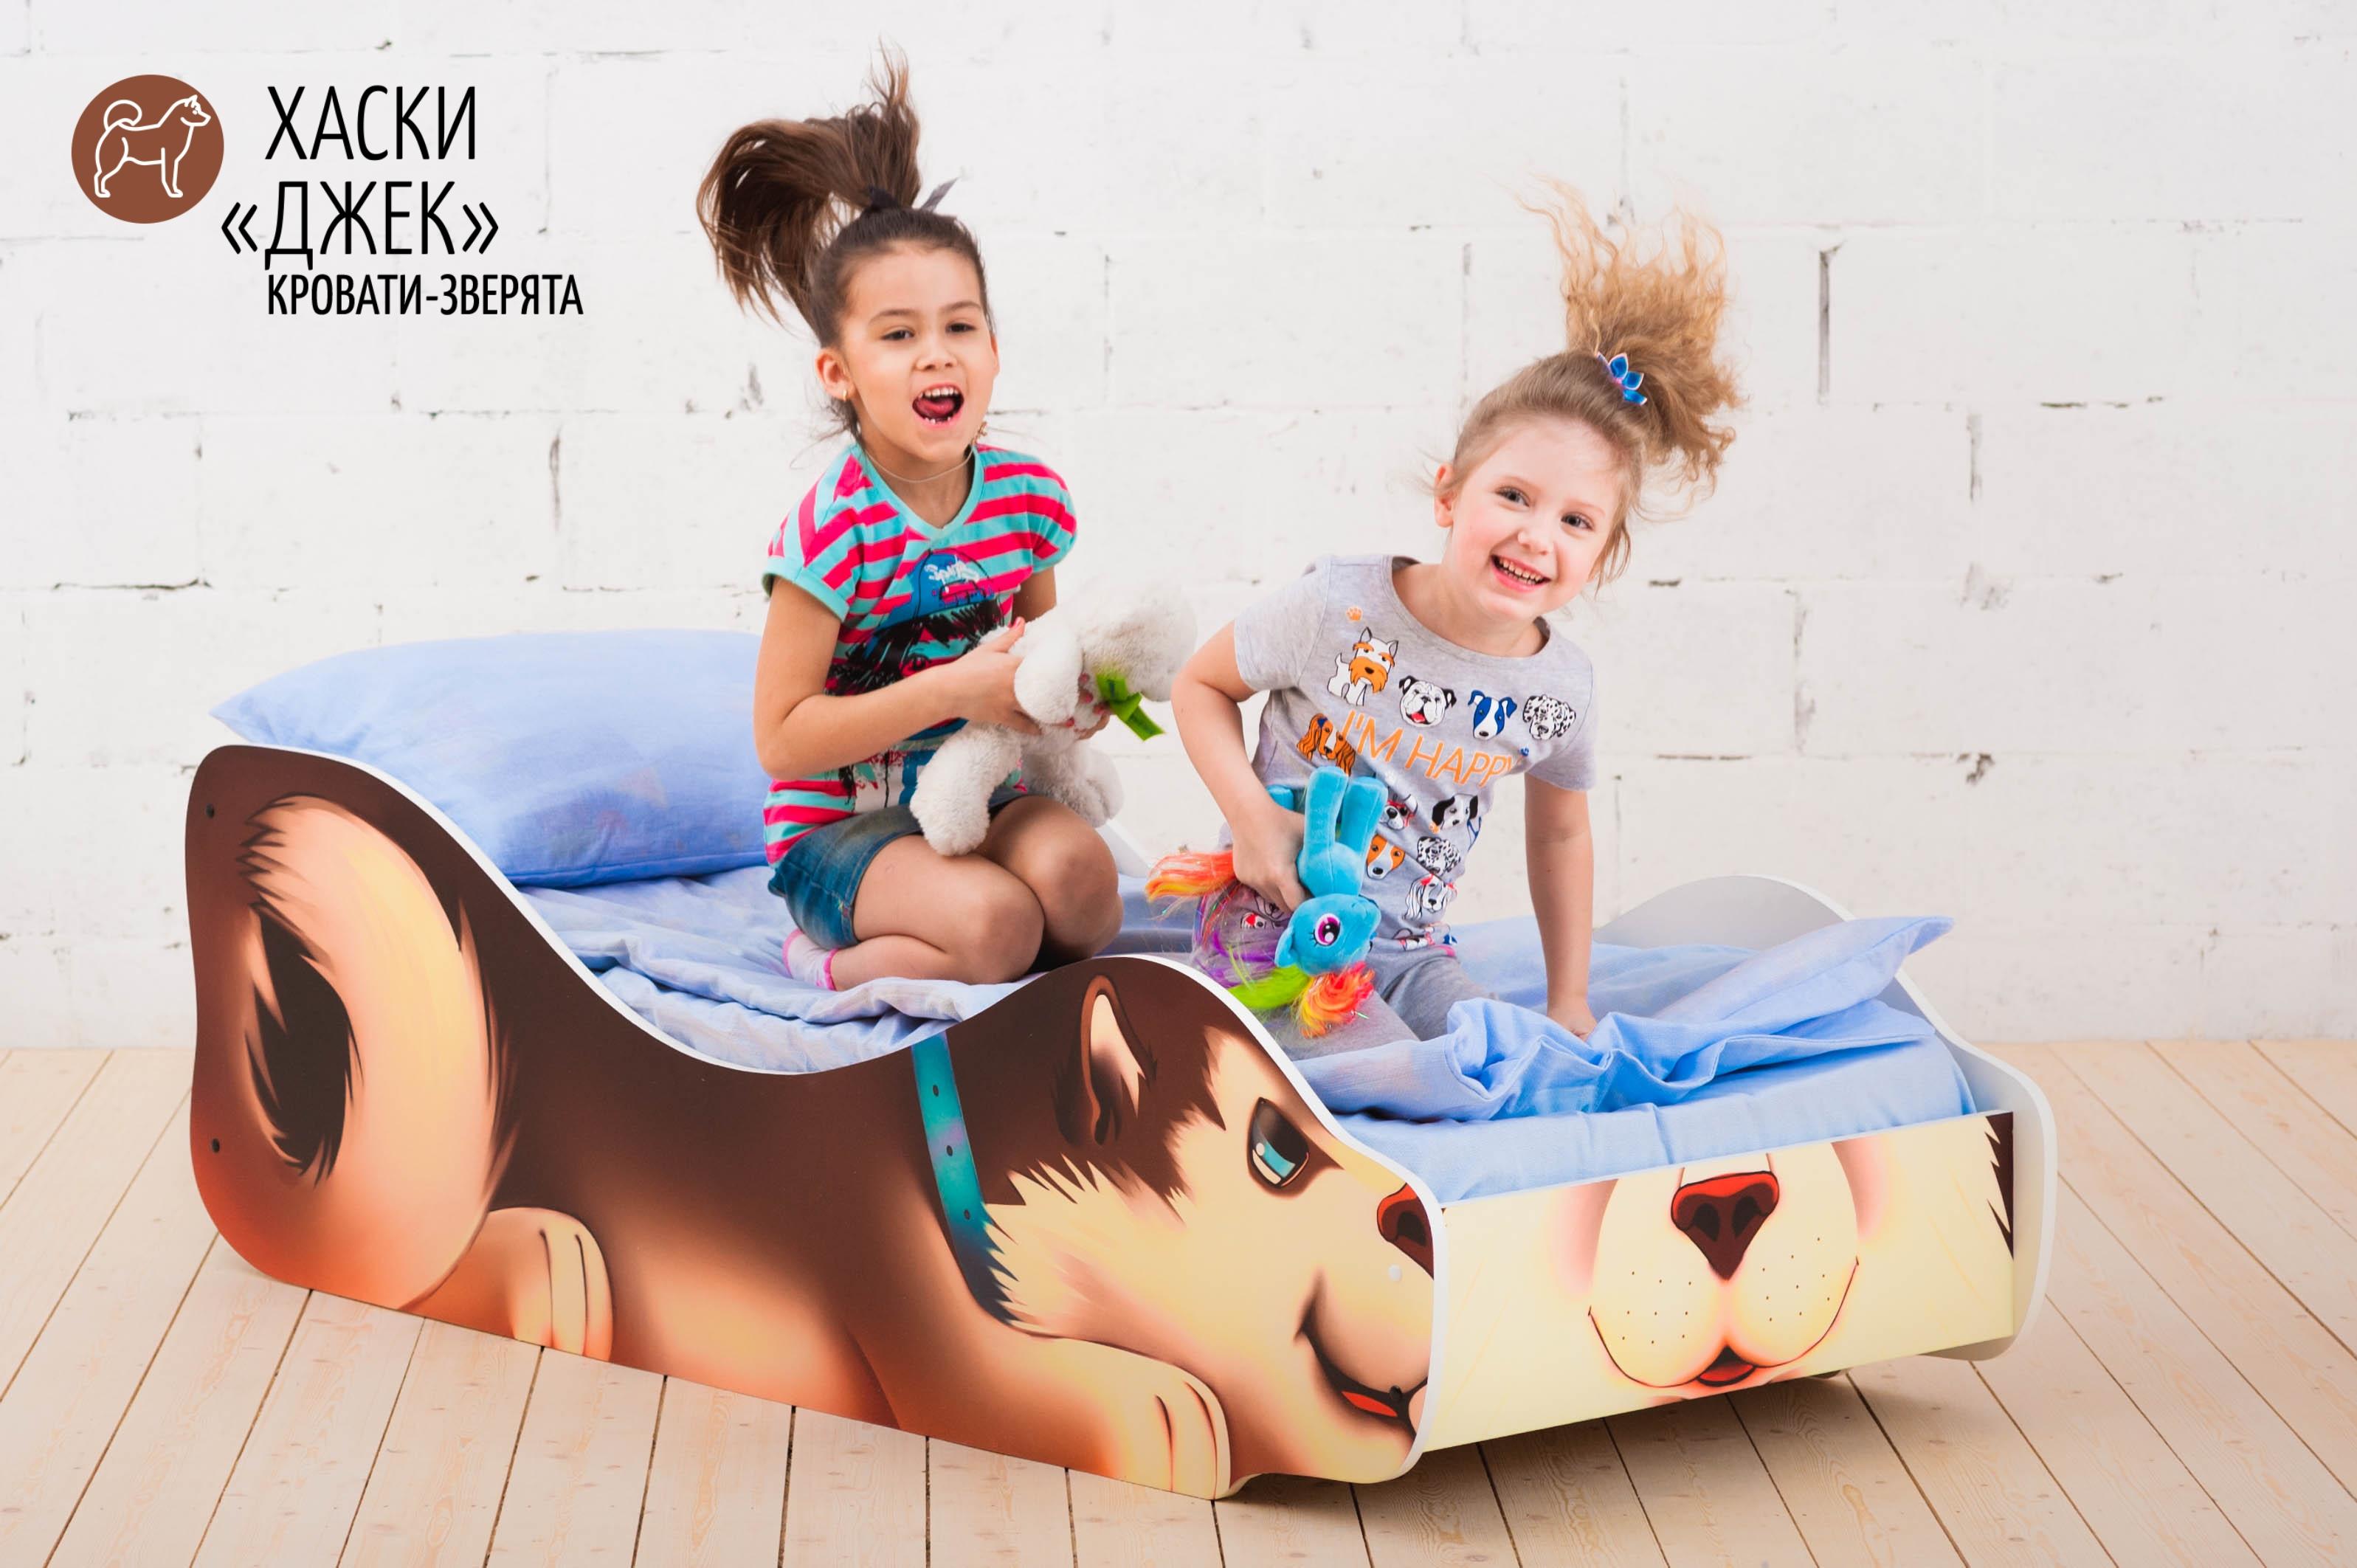 Детская кровать-зверенок -Хаски-Джек-14